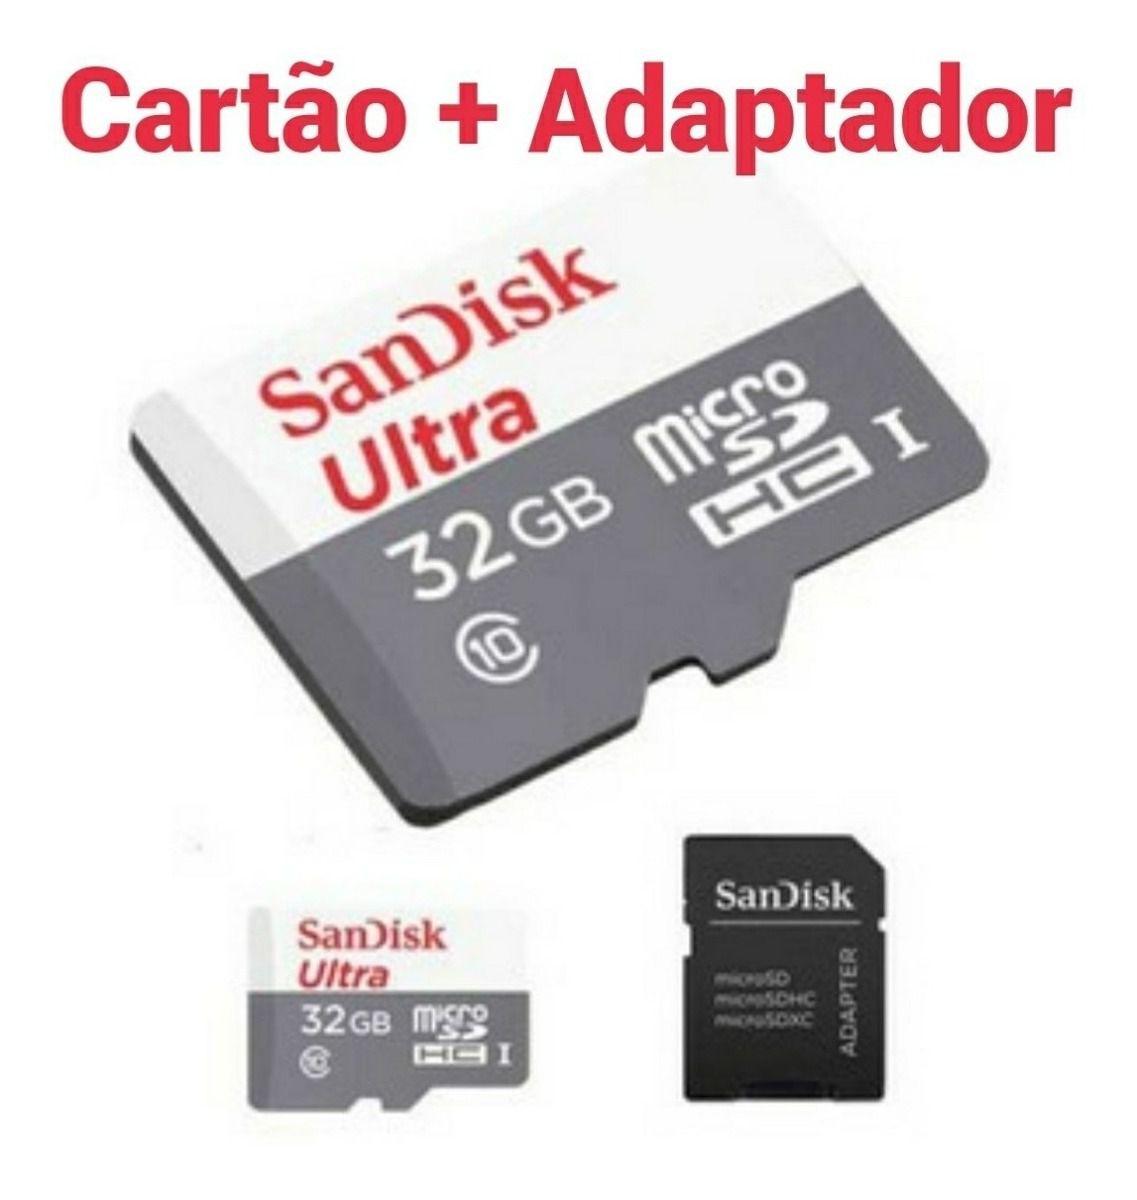 Cartão de Memória Micro SD SanDisk 32GB Classe 10 Ultra 80mb/s Original